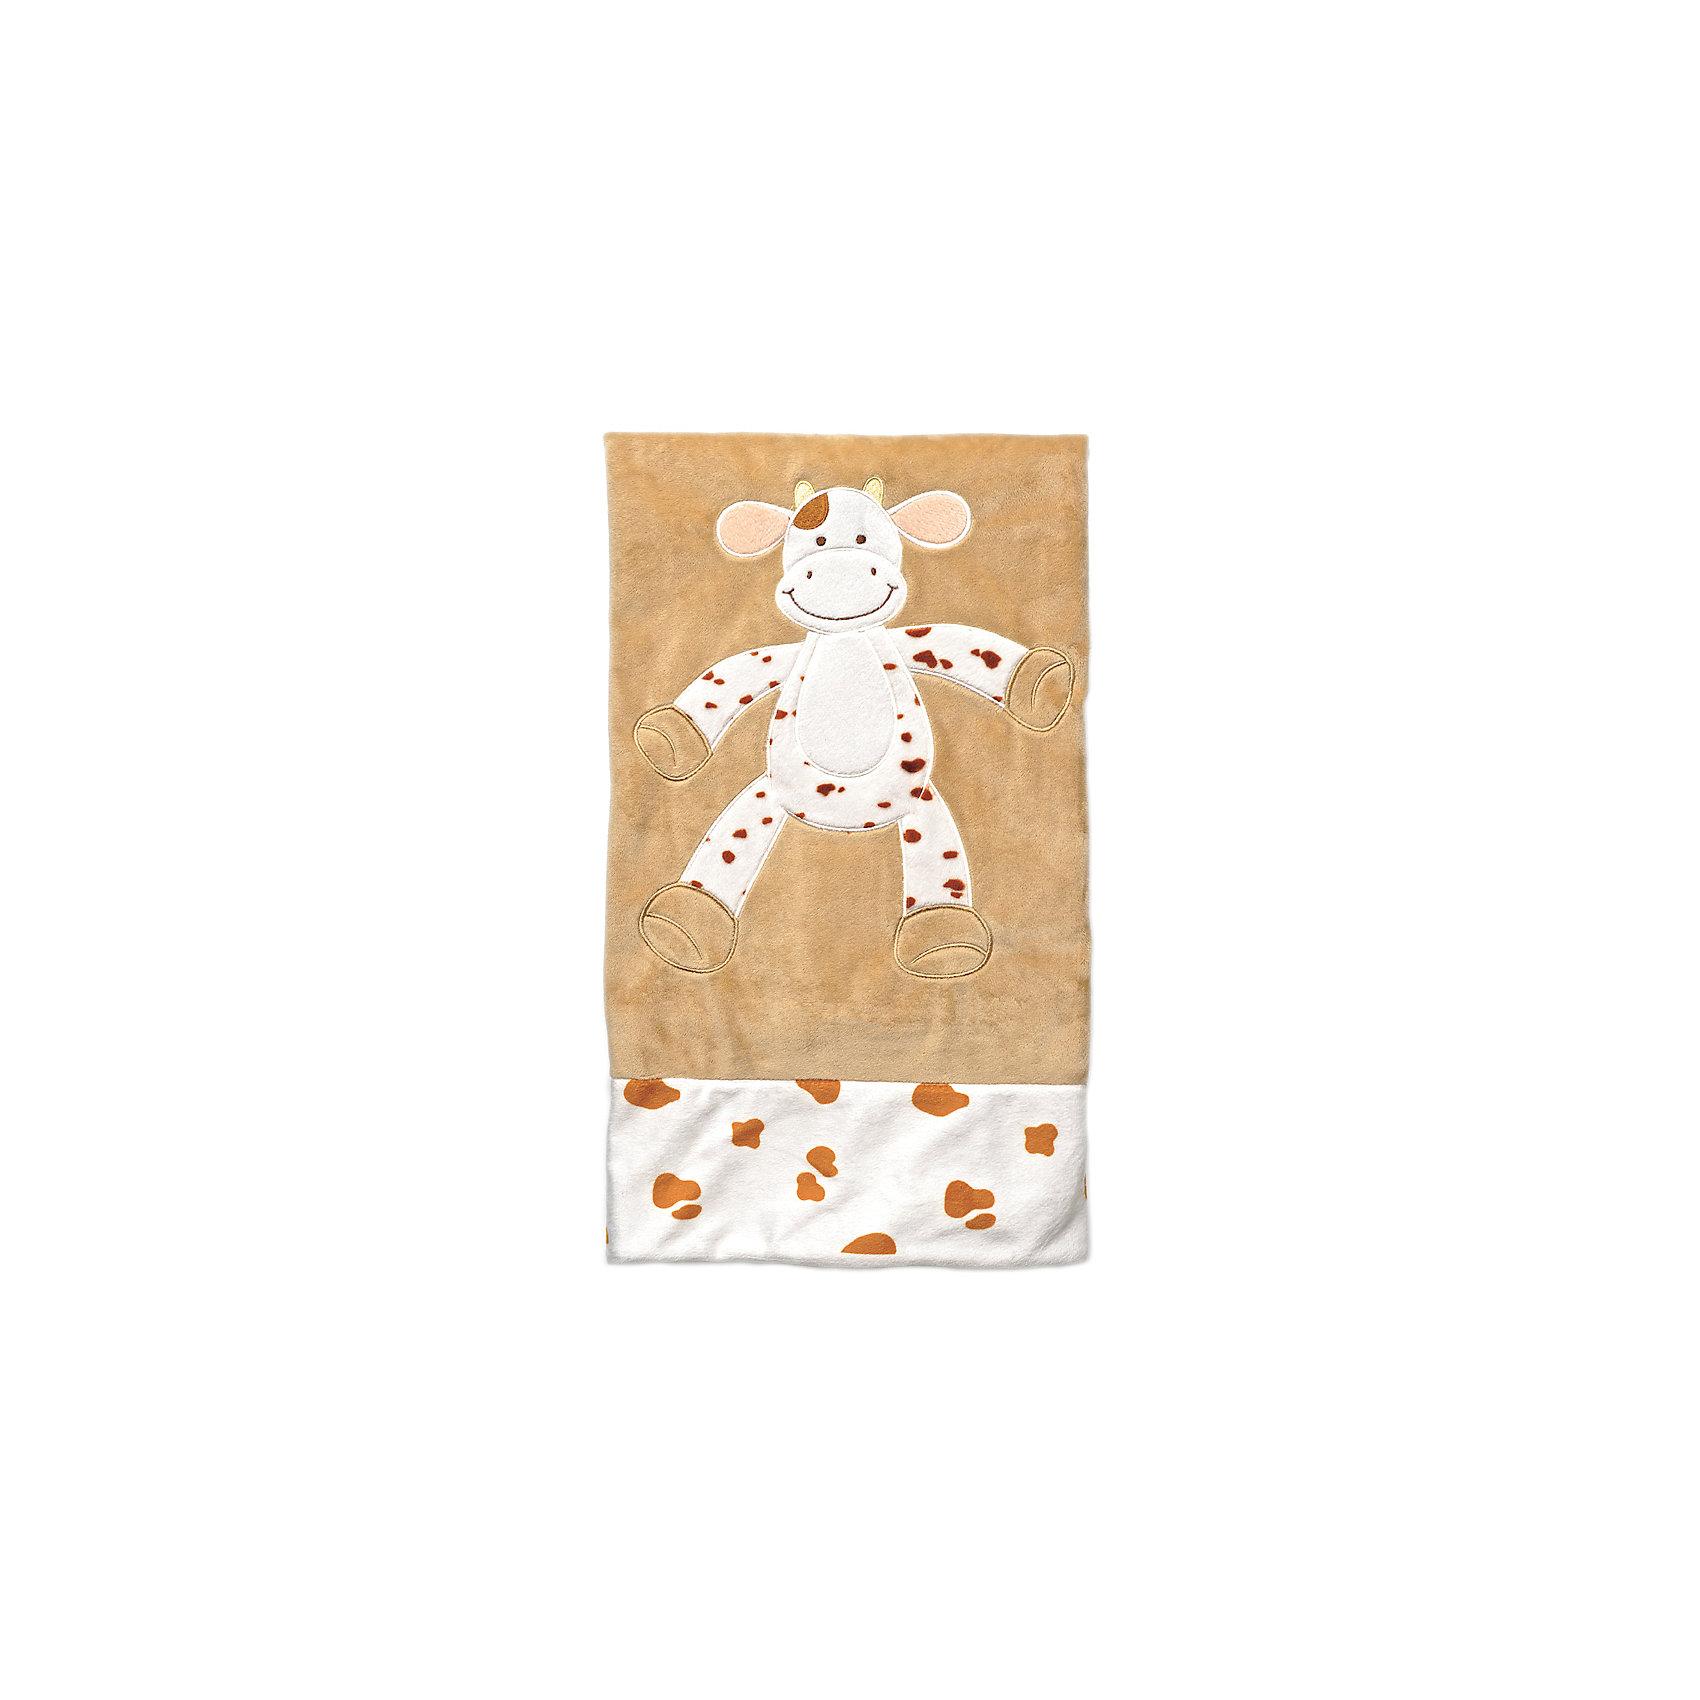 купить Teddykompaniet Плед велюр 80х80 Корова , Динглисар, Teddykompaniet по цене 3599 рублей